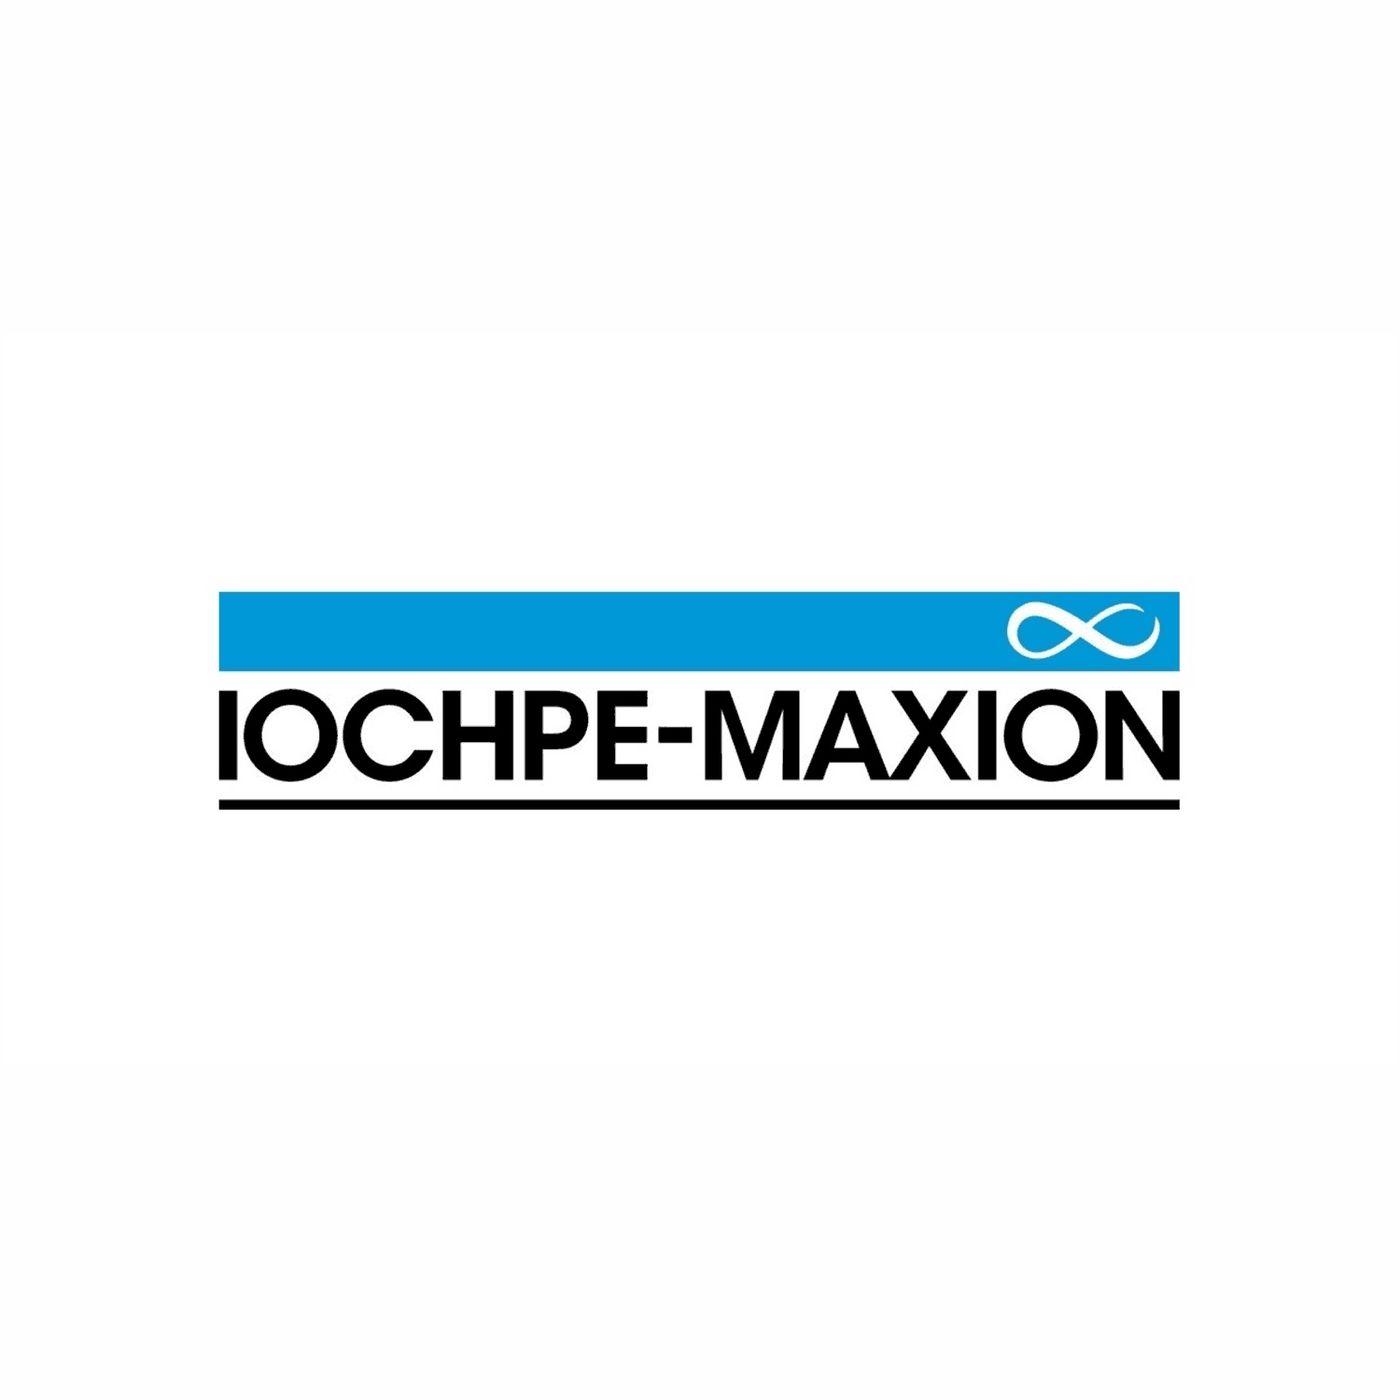 Teleconferência Resultados da Iochpe Maxion 4t19